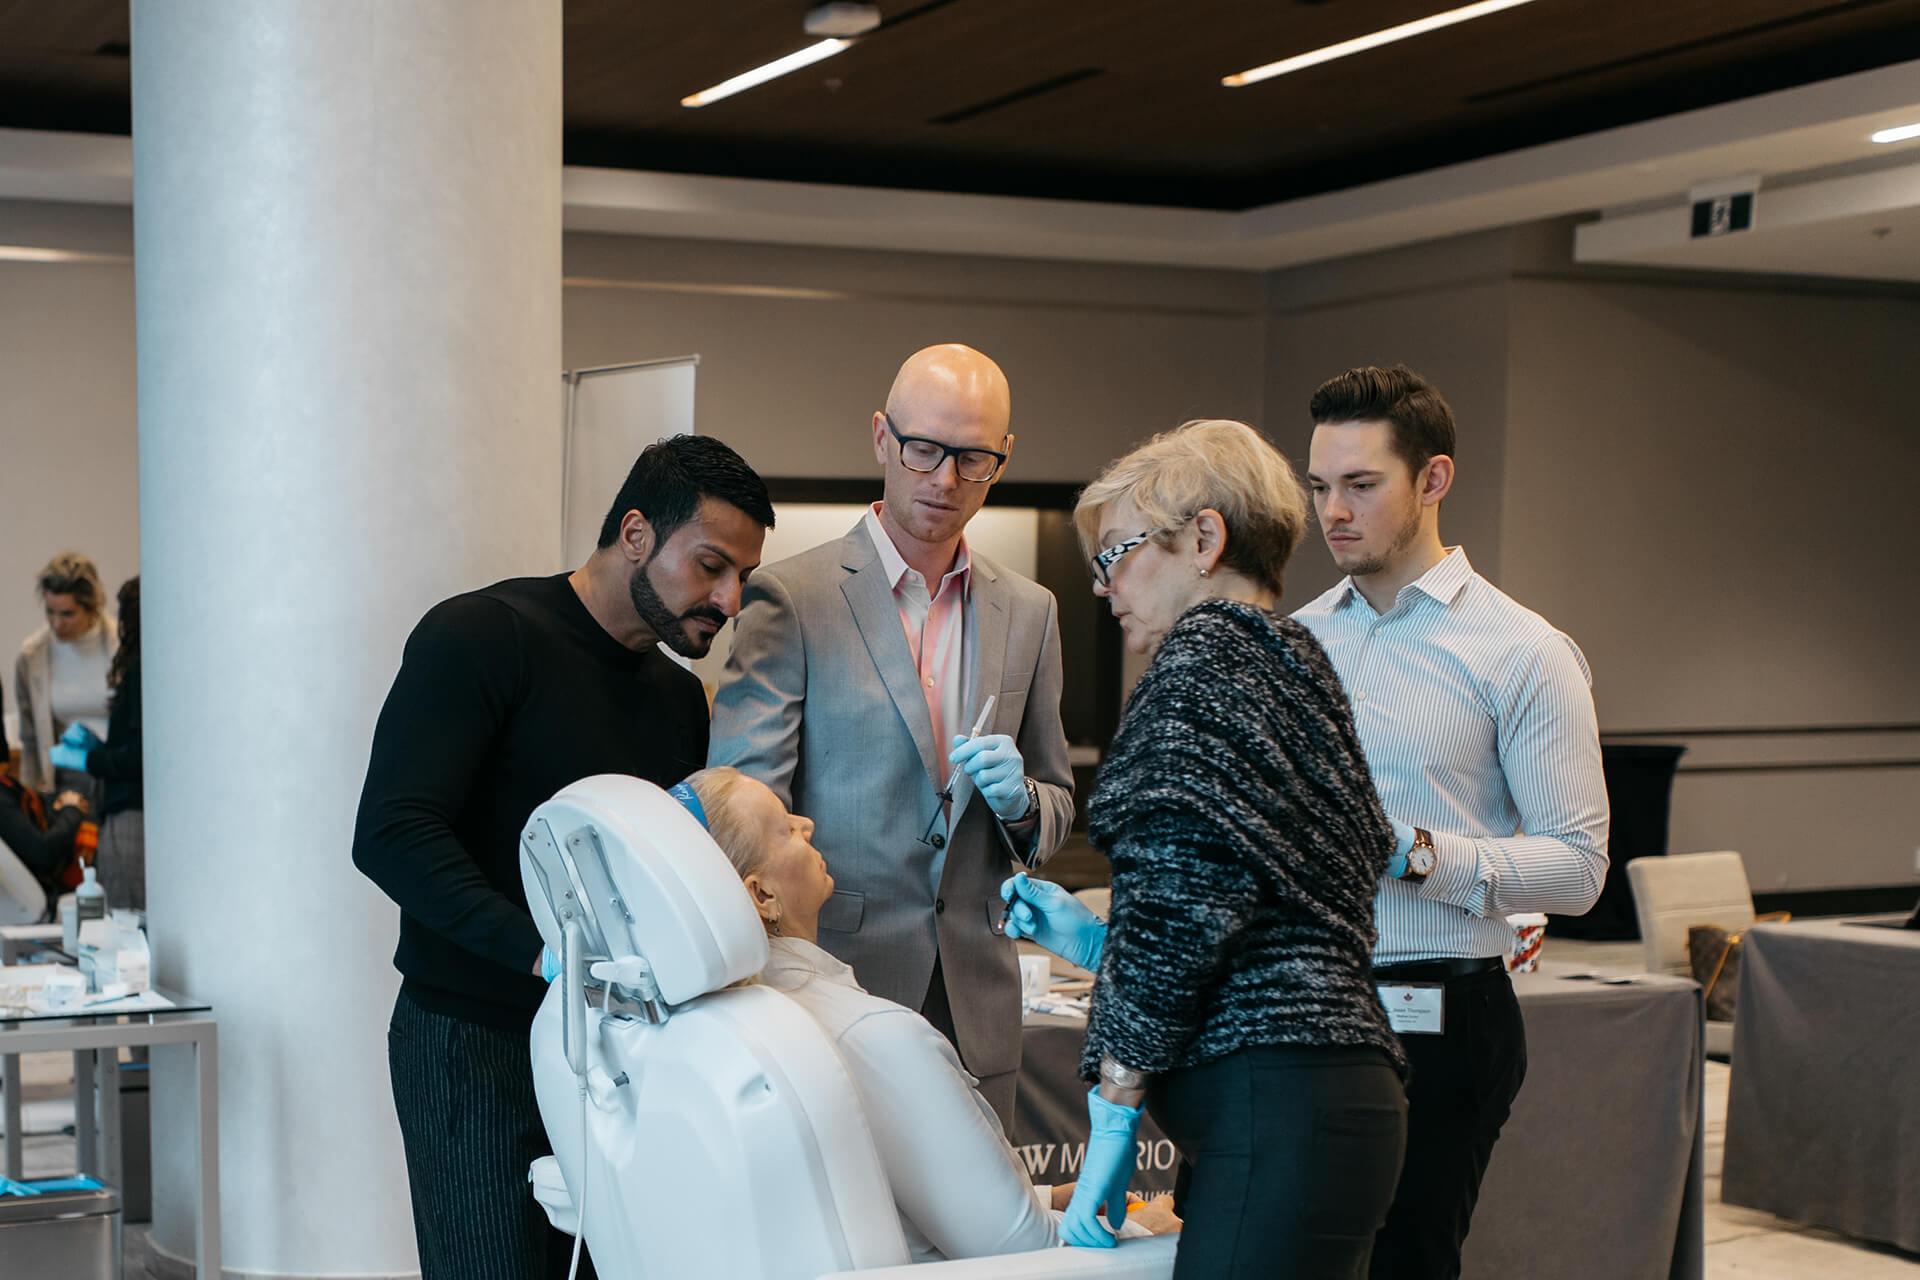 Dr Dargie Medical Aesthetics - Botox course vernon